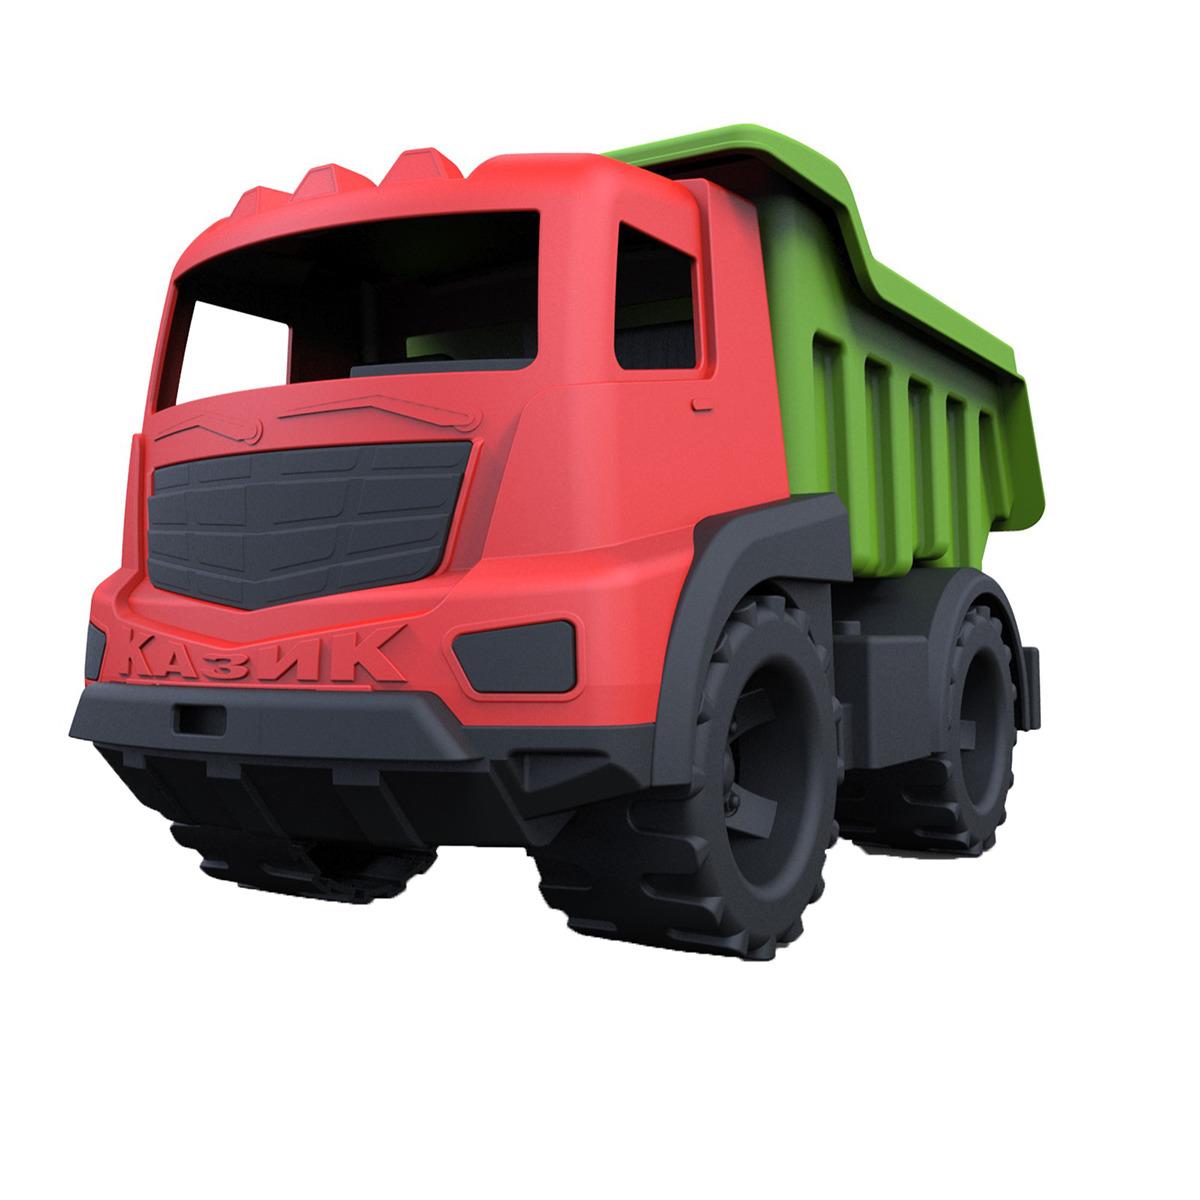 Машинка Казик, 3948028, красный, зеленый